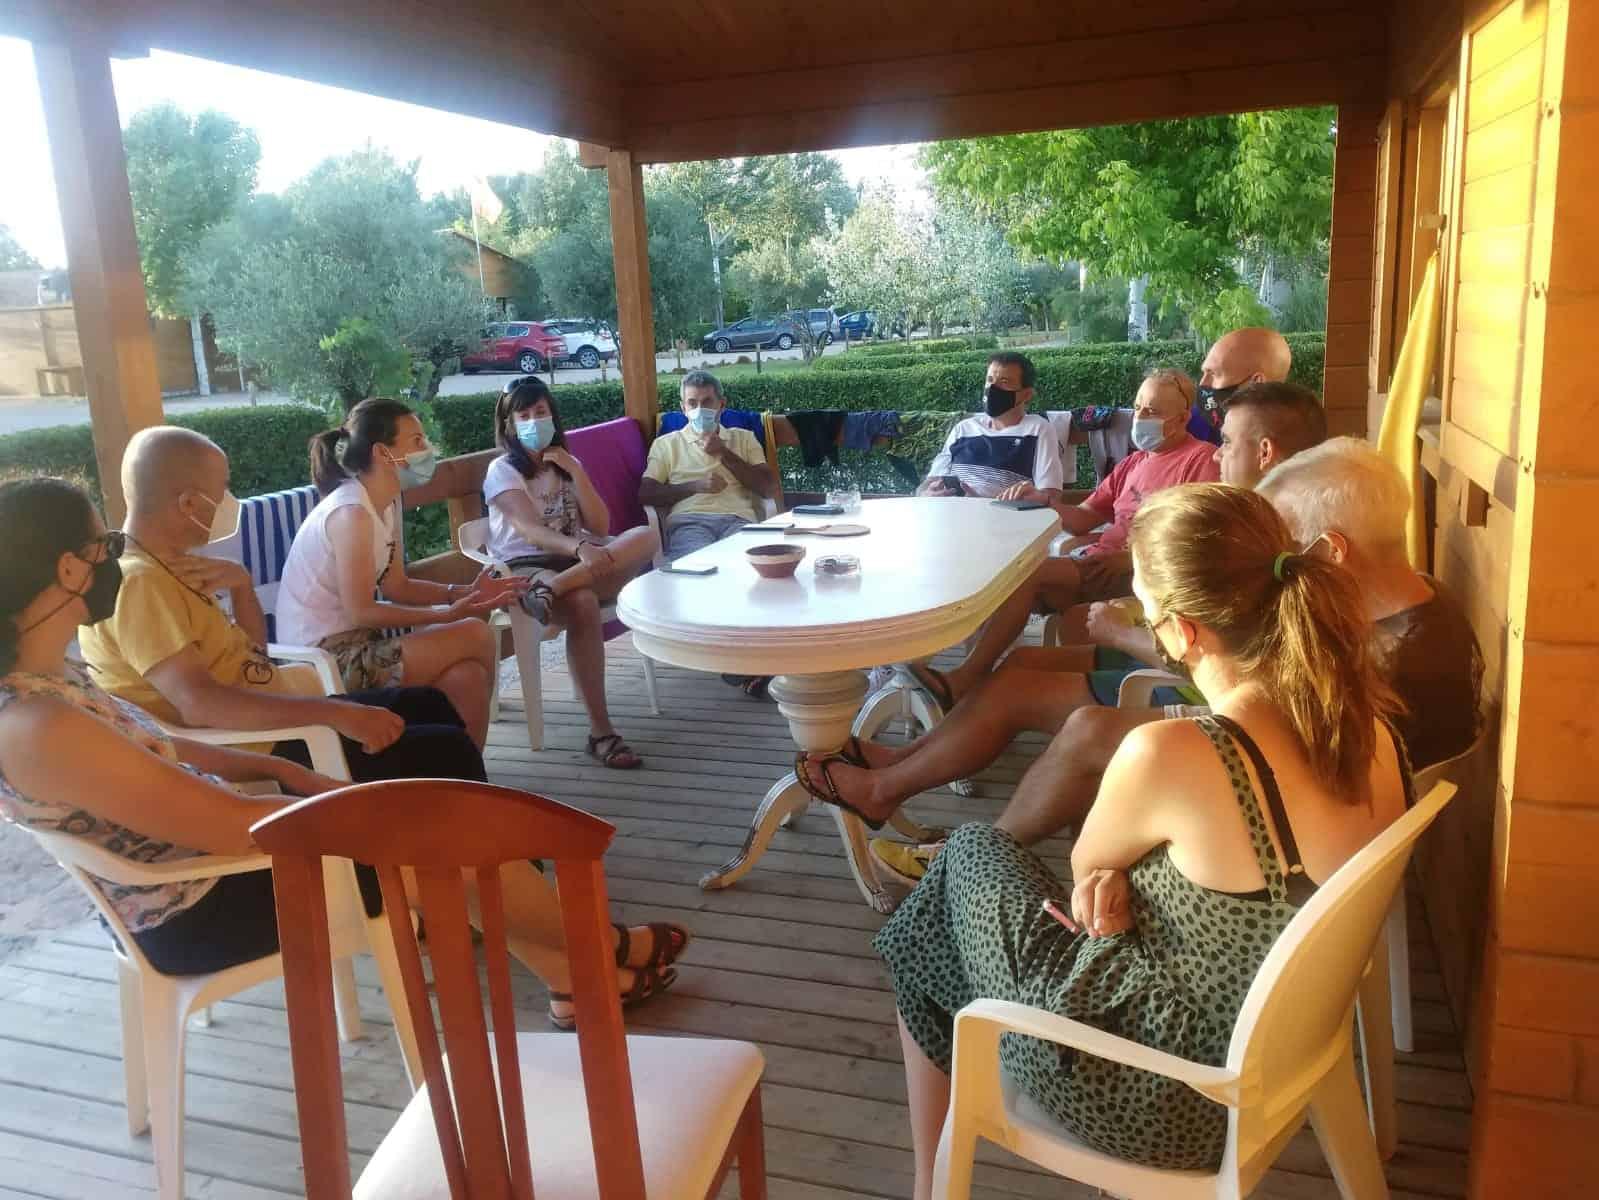 Vuelve el Escribano palustre a las Lagunas de Villafranca, una prueba más de la necesidad de conservar este ecosistema 27